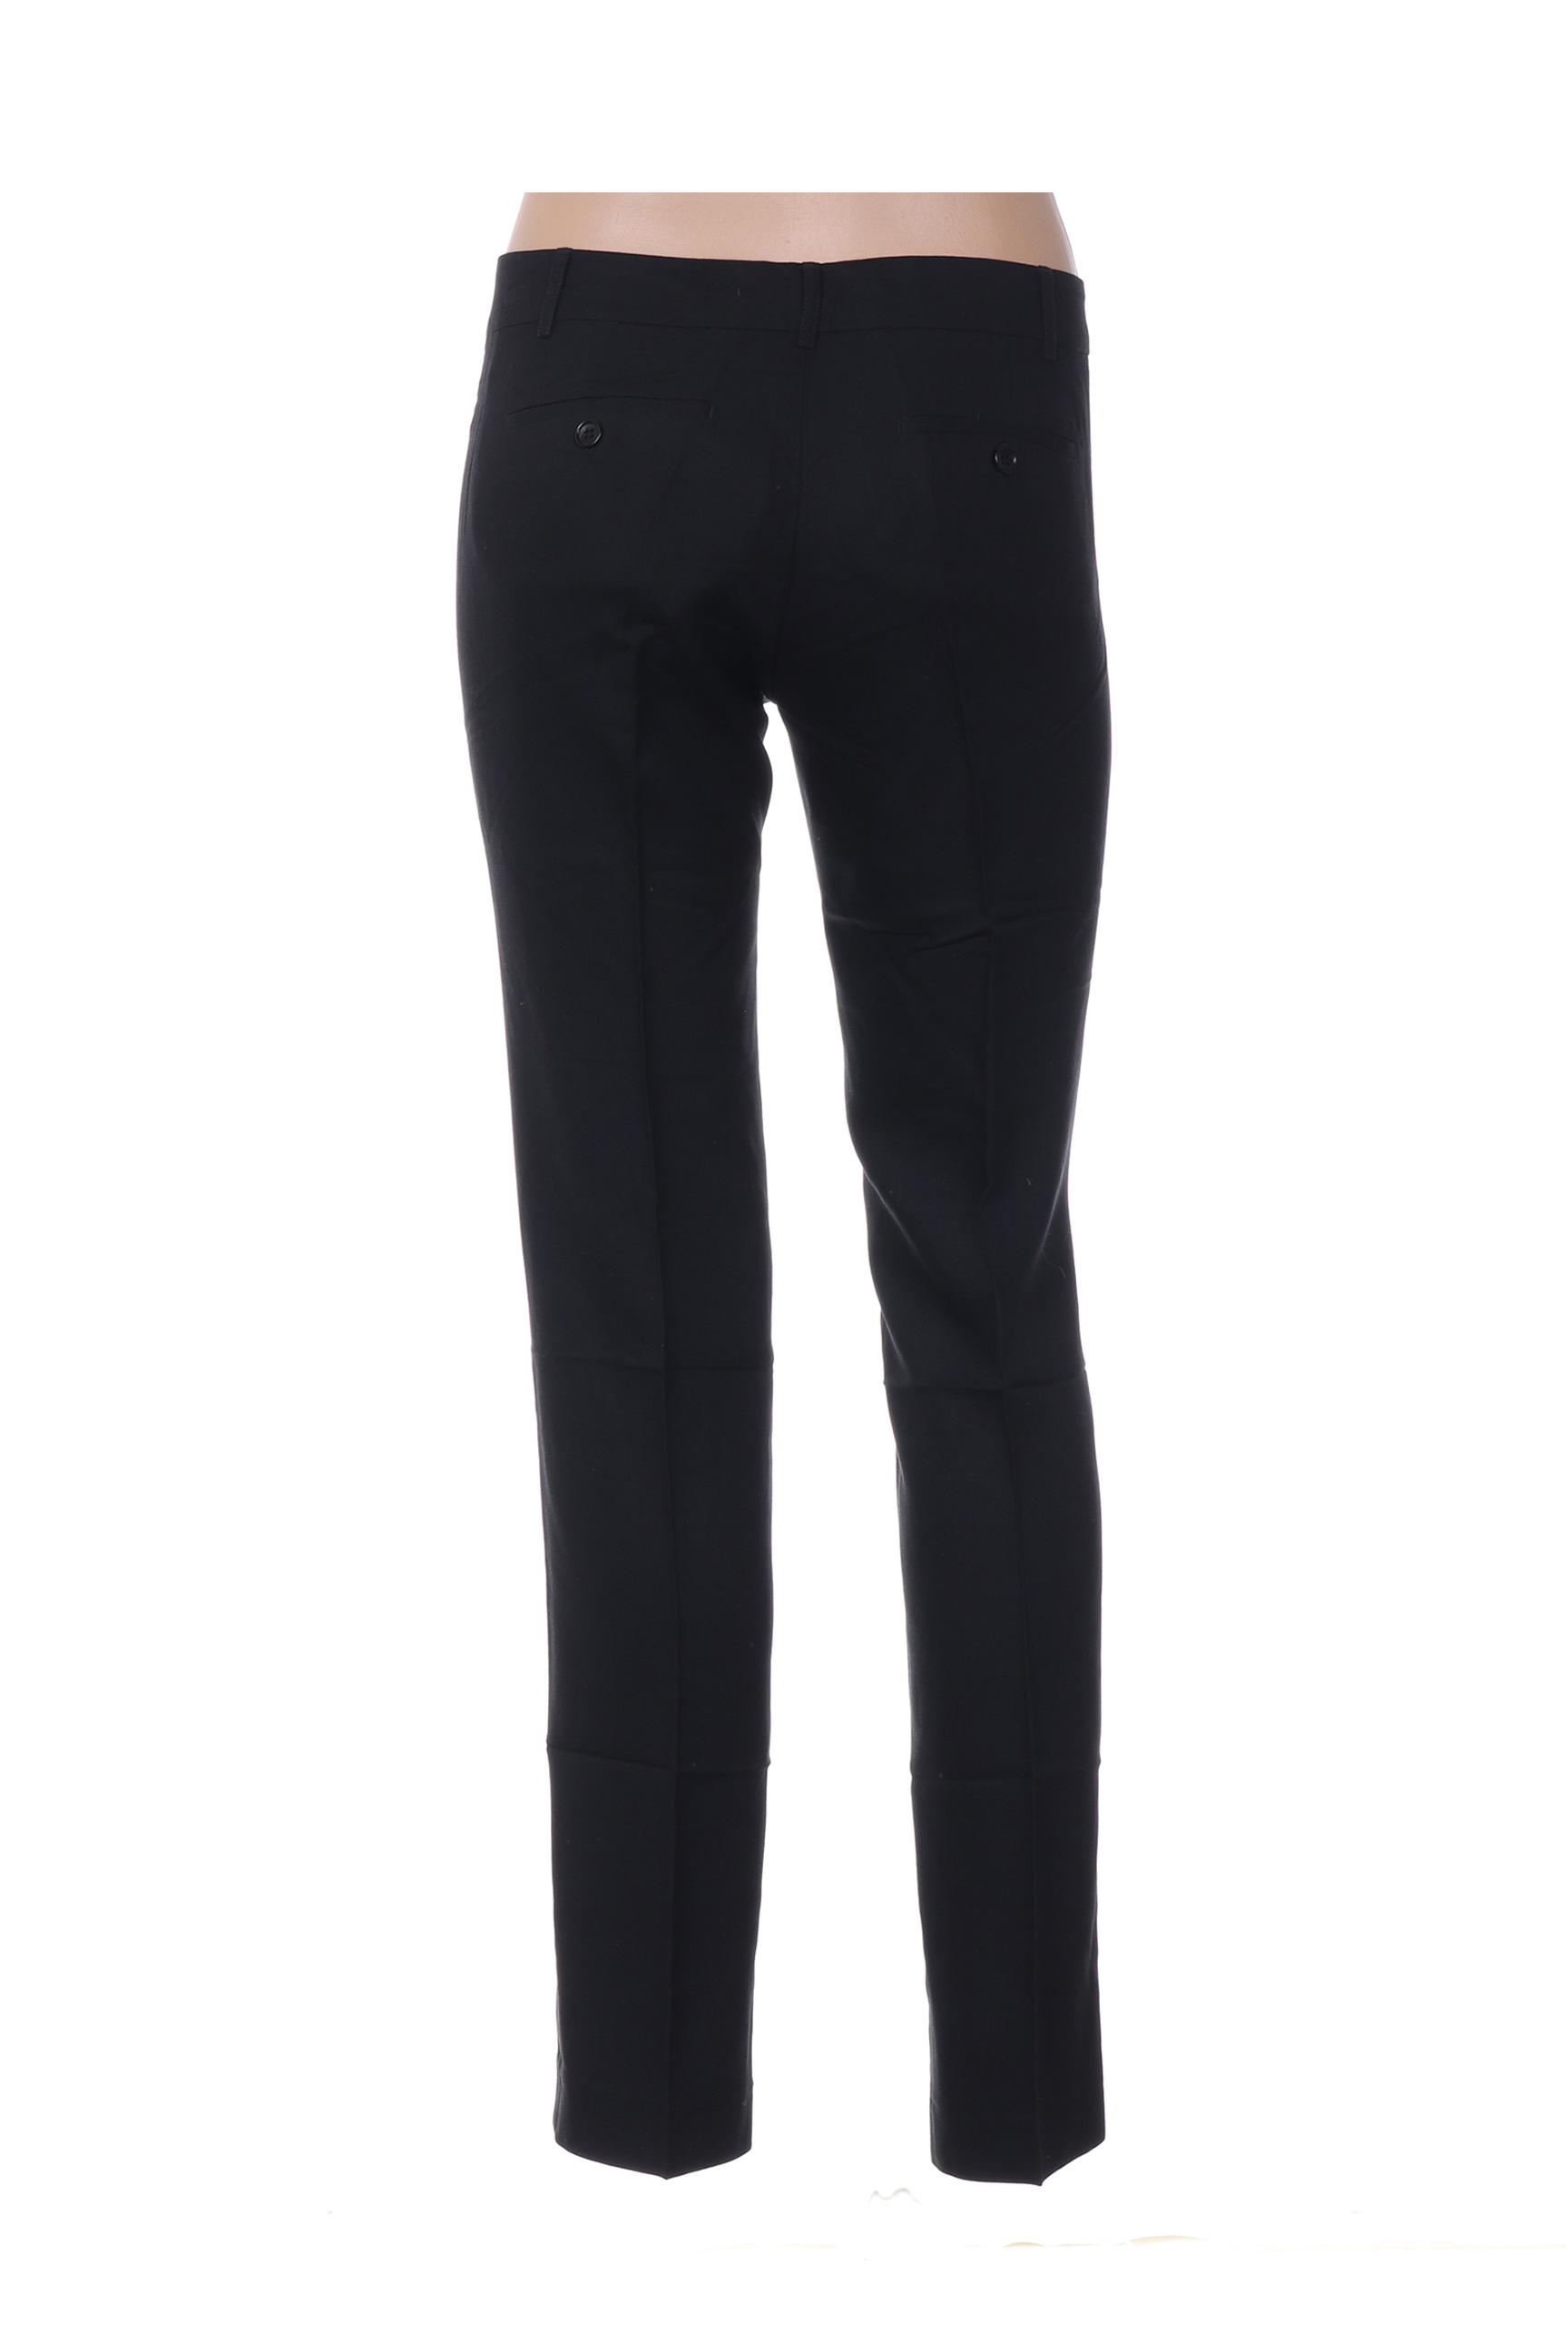 Hartford Pantalon7 8 Femme De Couleur Noir En Soldes Pas Cher 1380955-noir00